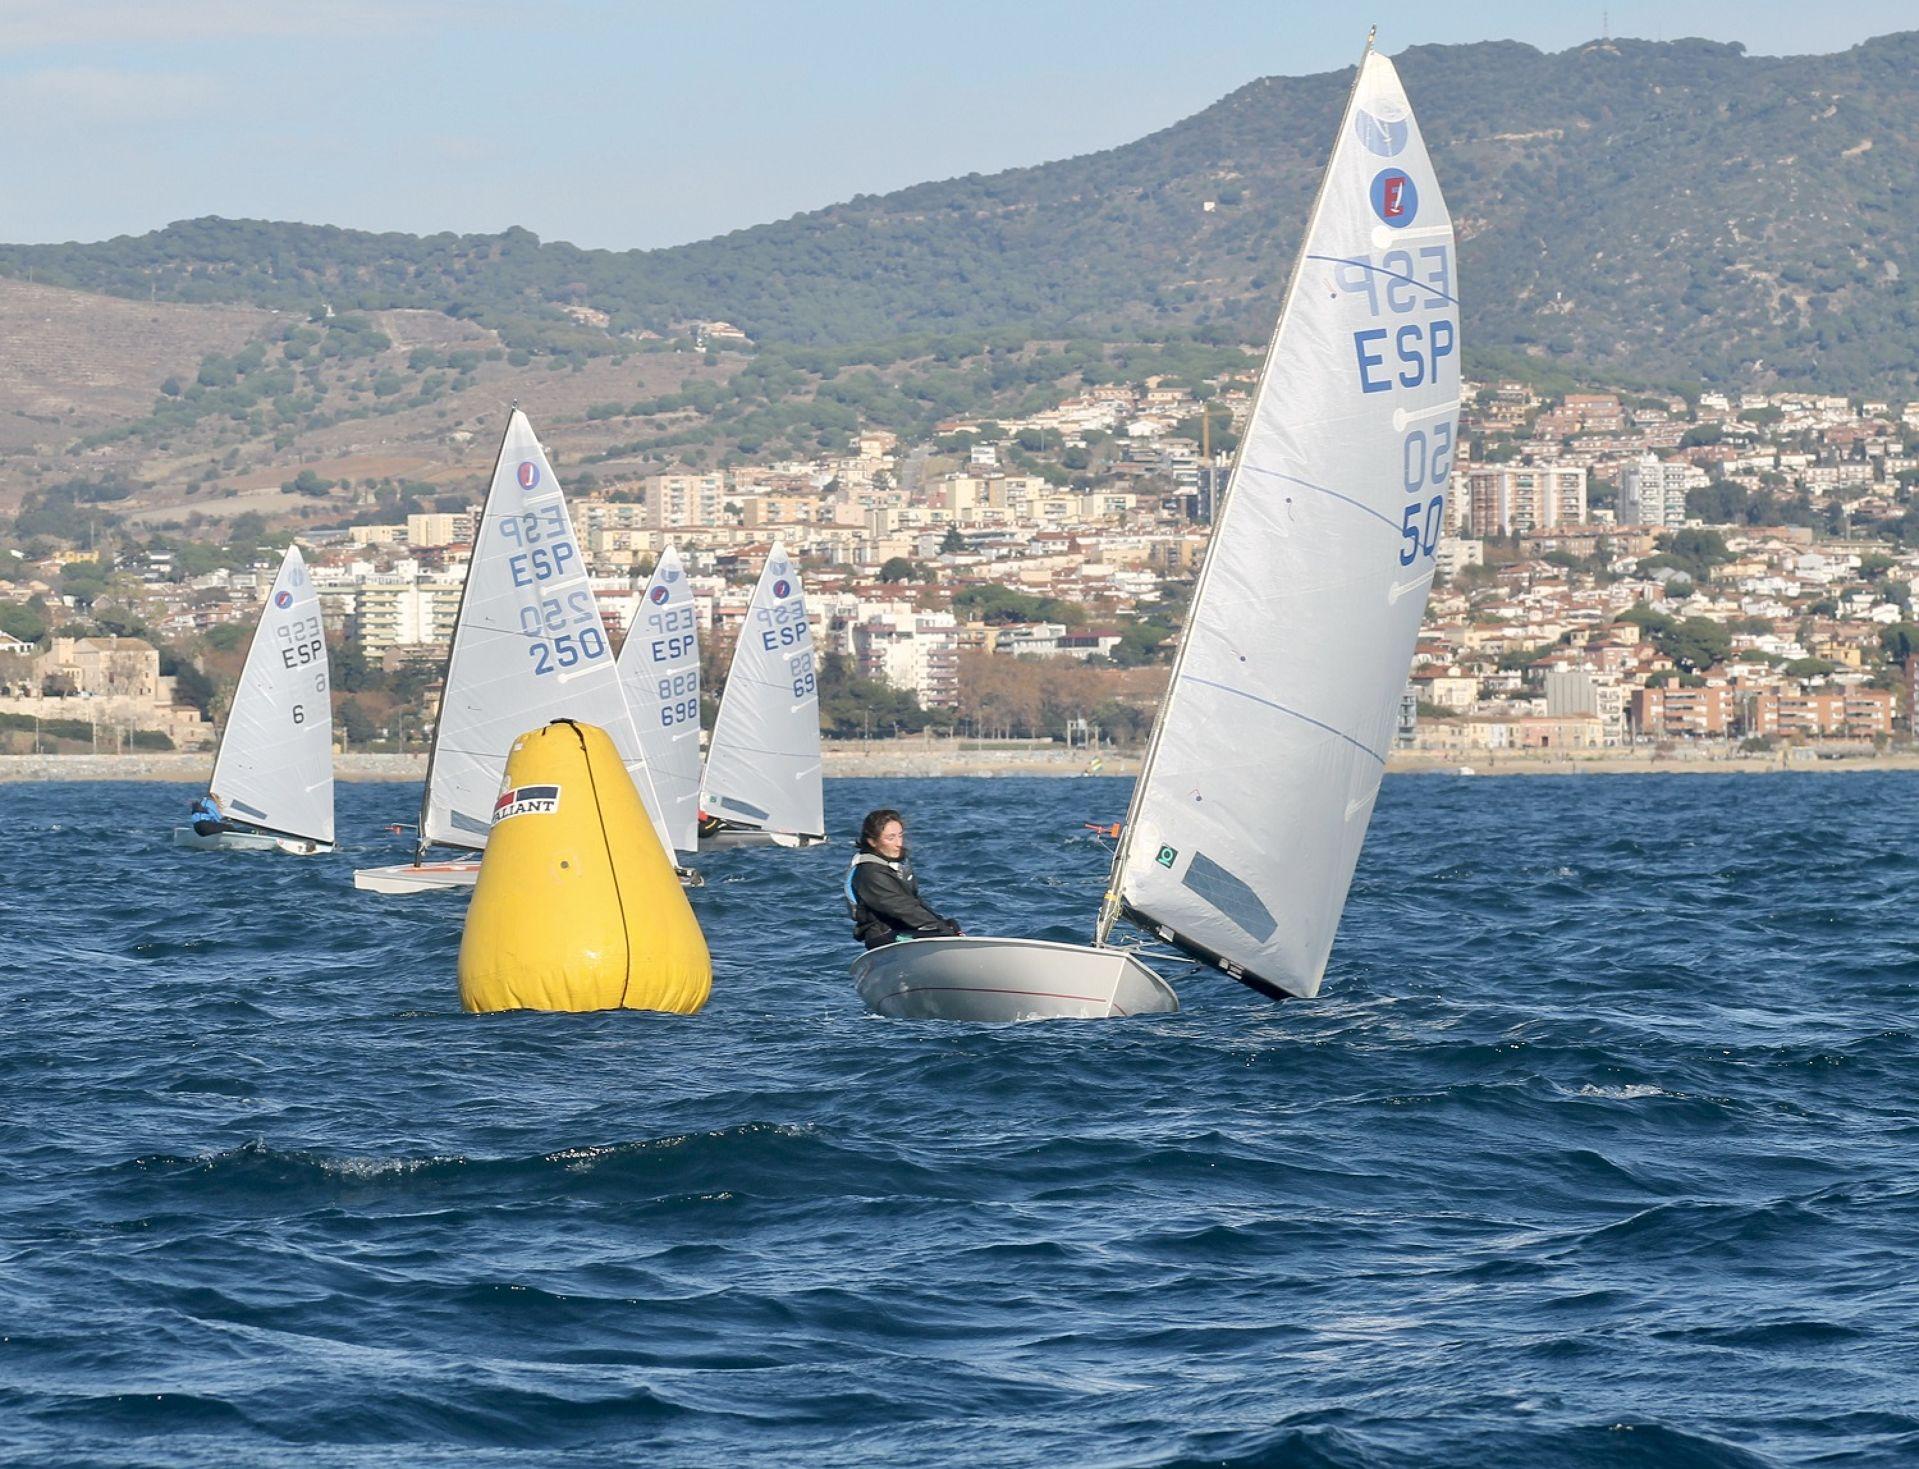 L'equip blanenc de classe europa participa a la Copa d'Espanya